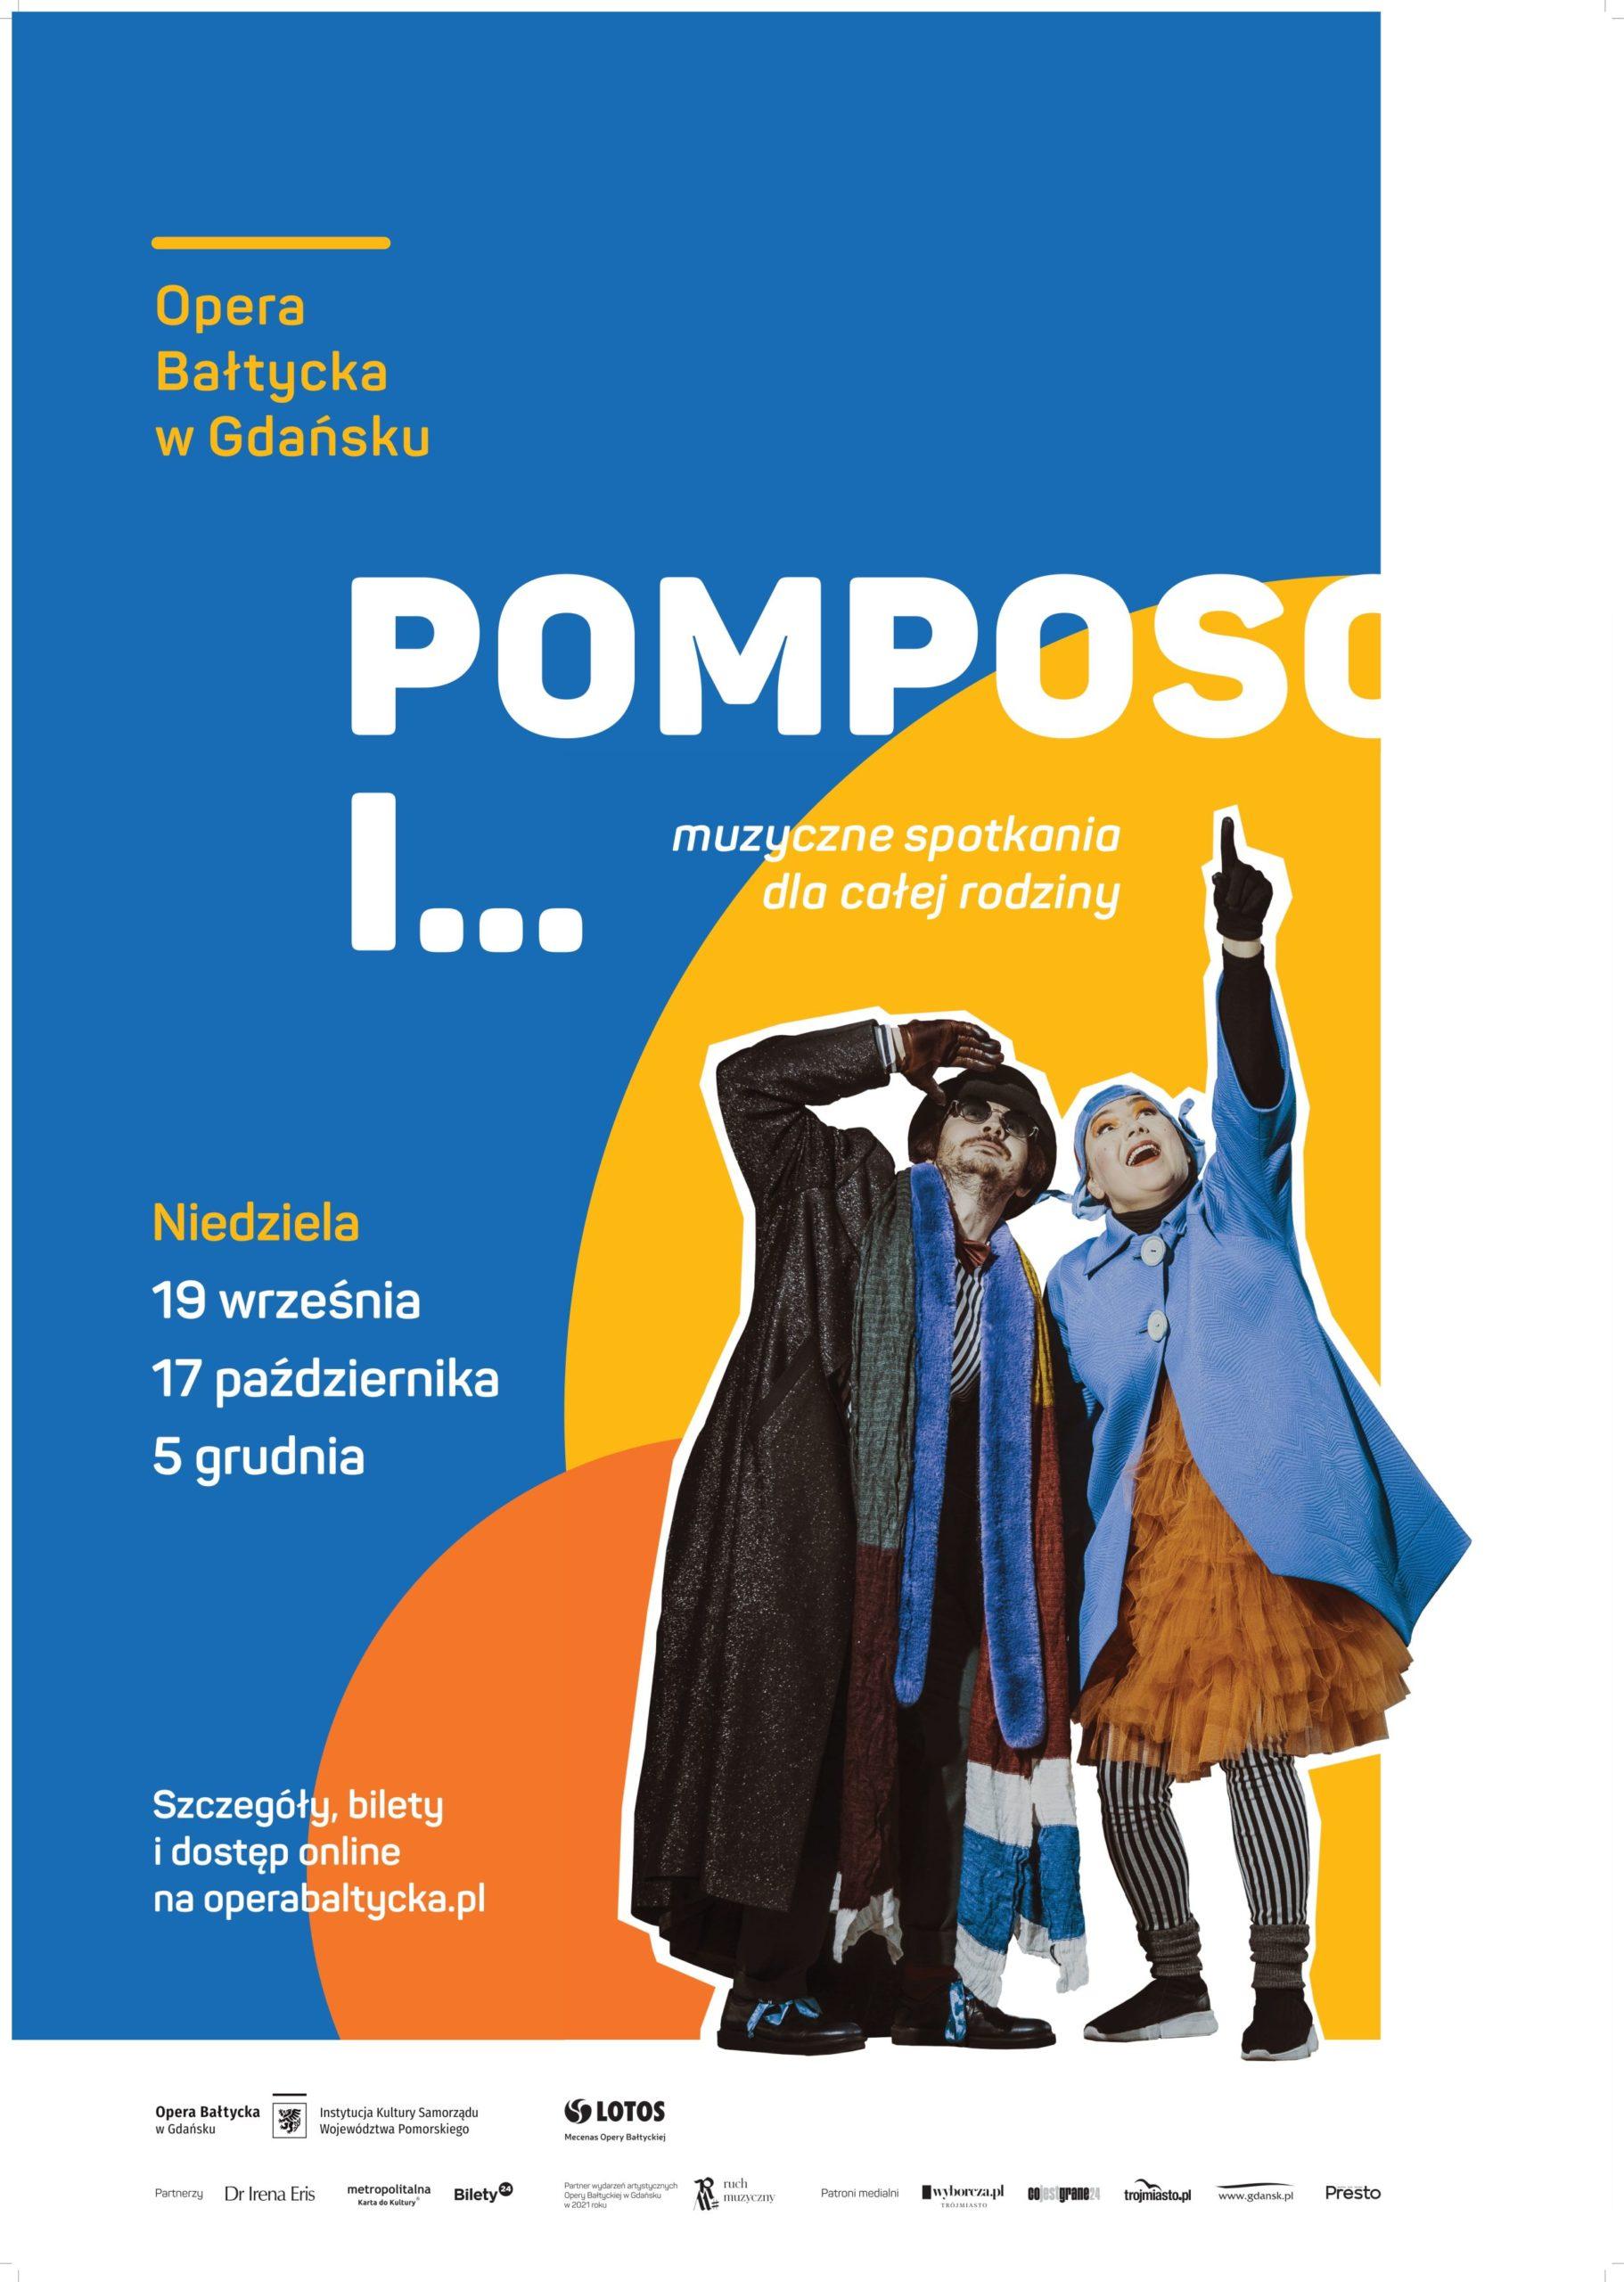 Pomposo i... - Opera Bałtycka dla dzieci